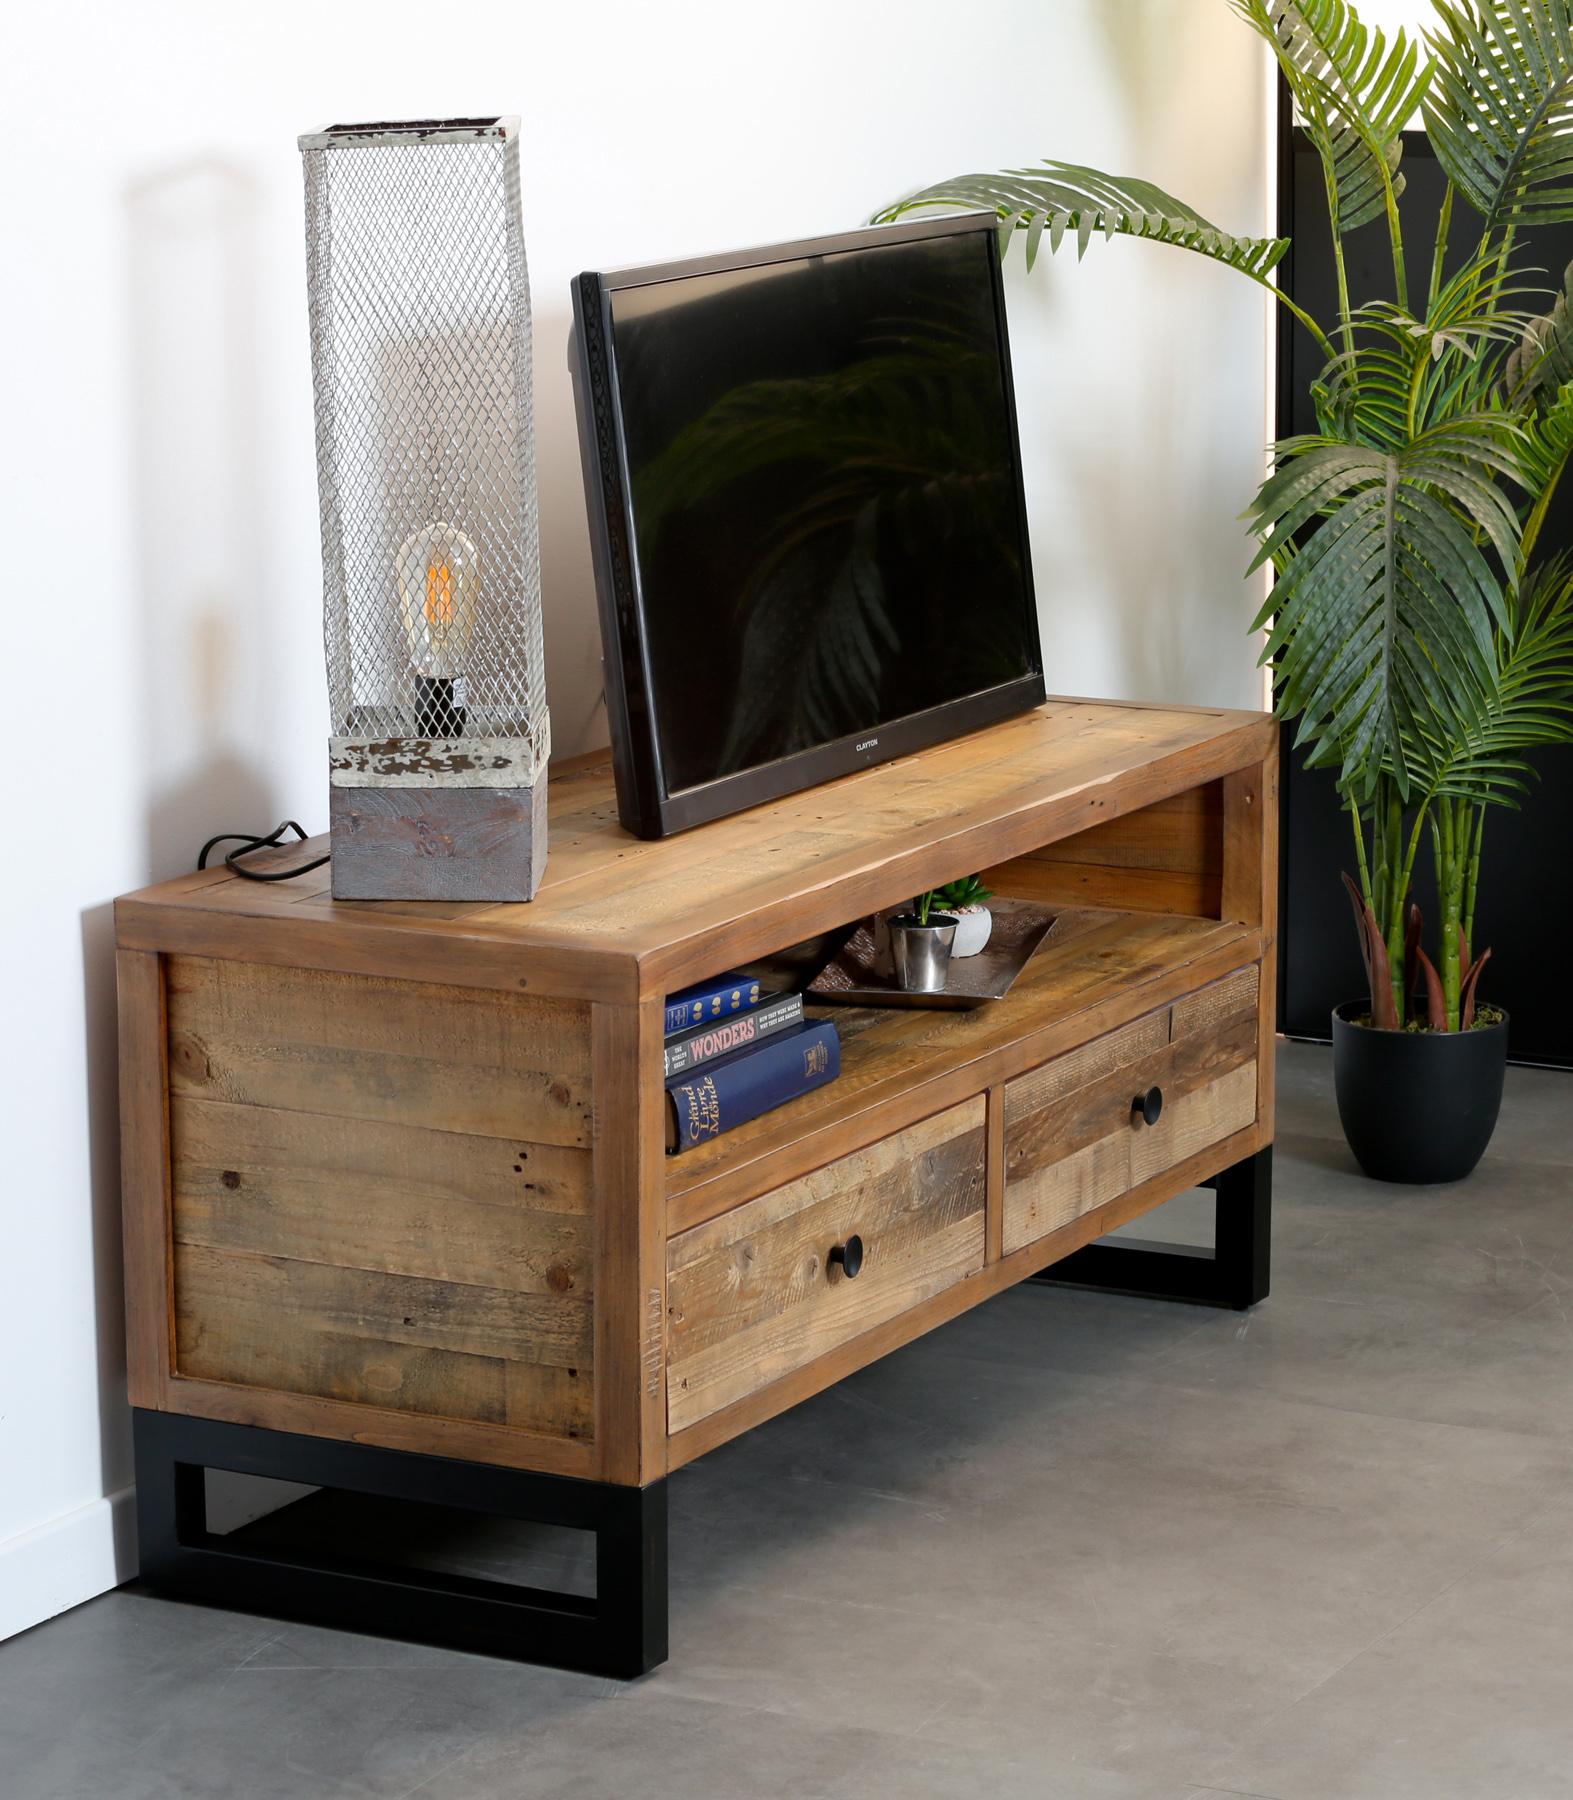 Meuble Tv Bois Recycle 2 Tiroirs Brisbane Meubles Tv Pier Import